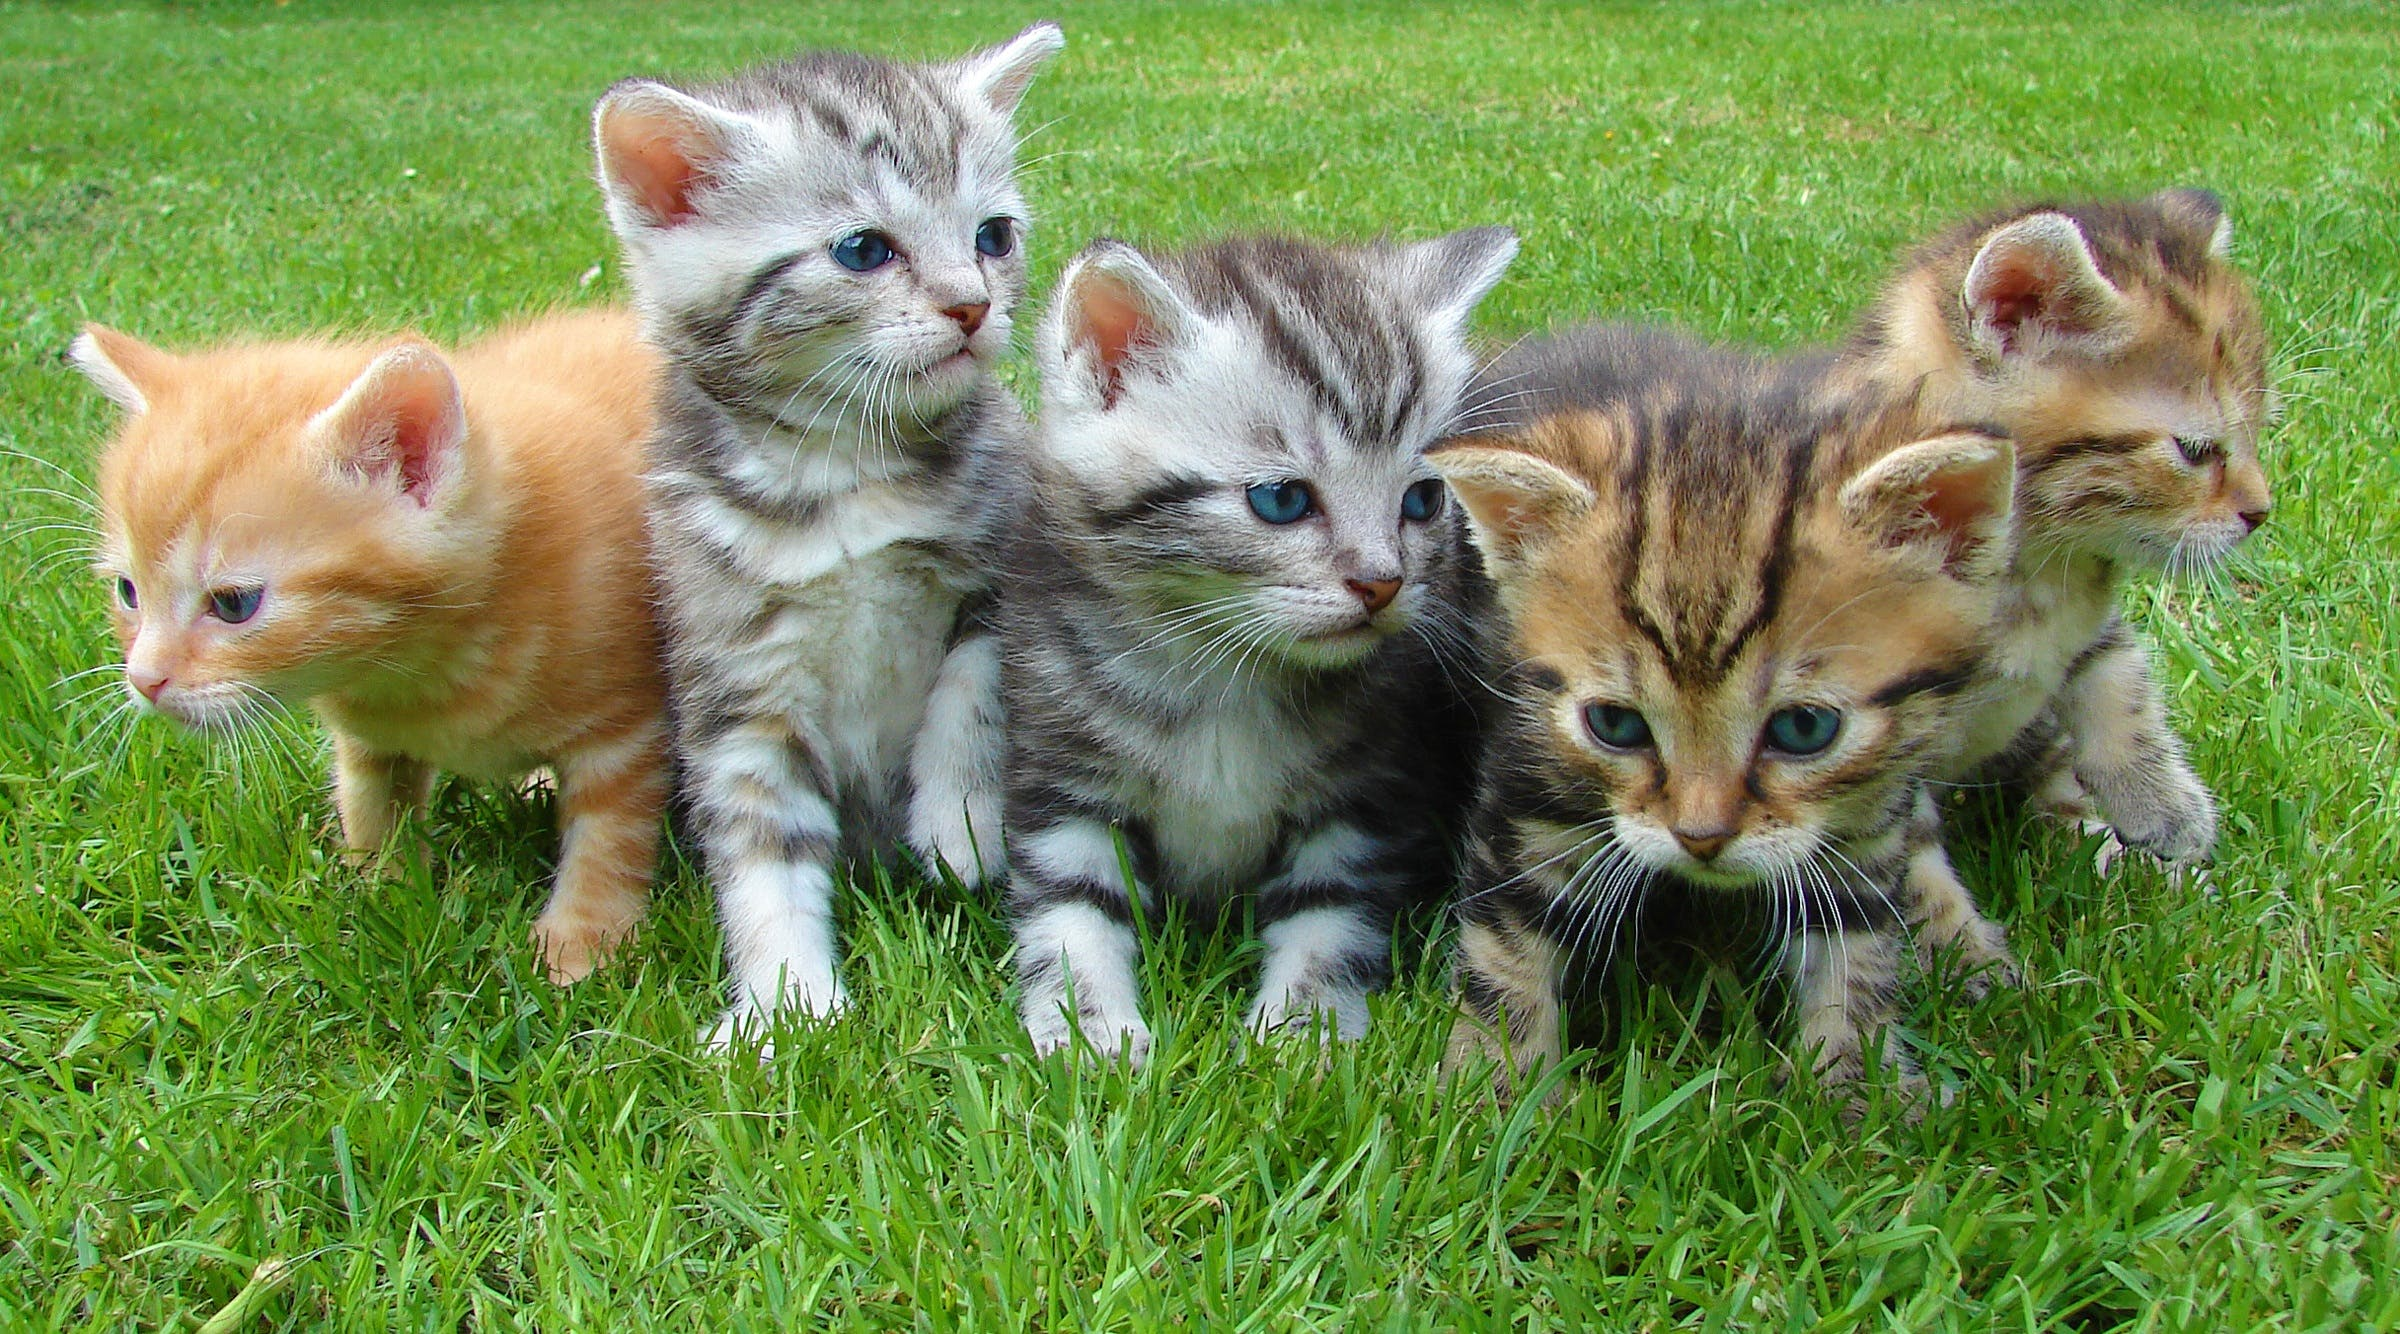 Gratis lagerfoto af katte, killinger, nuttet